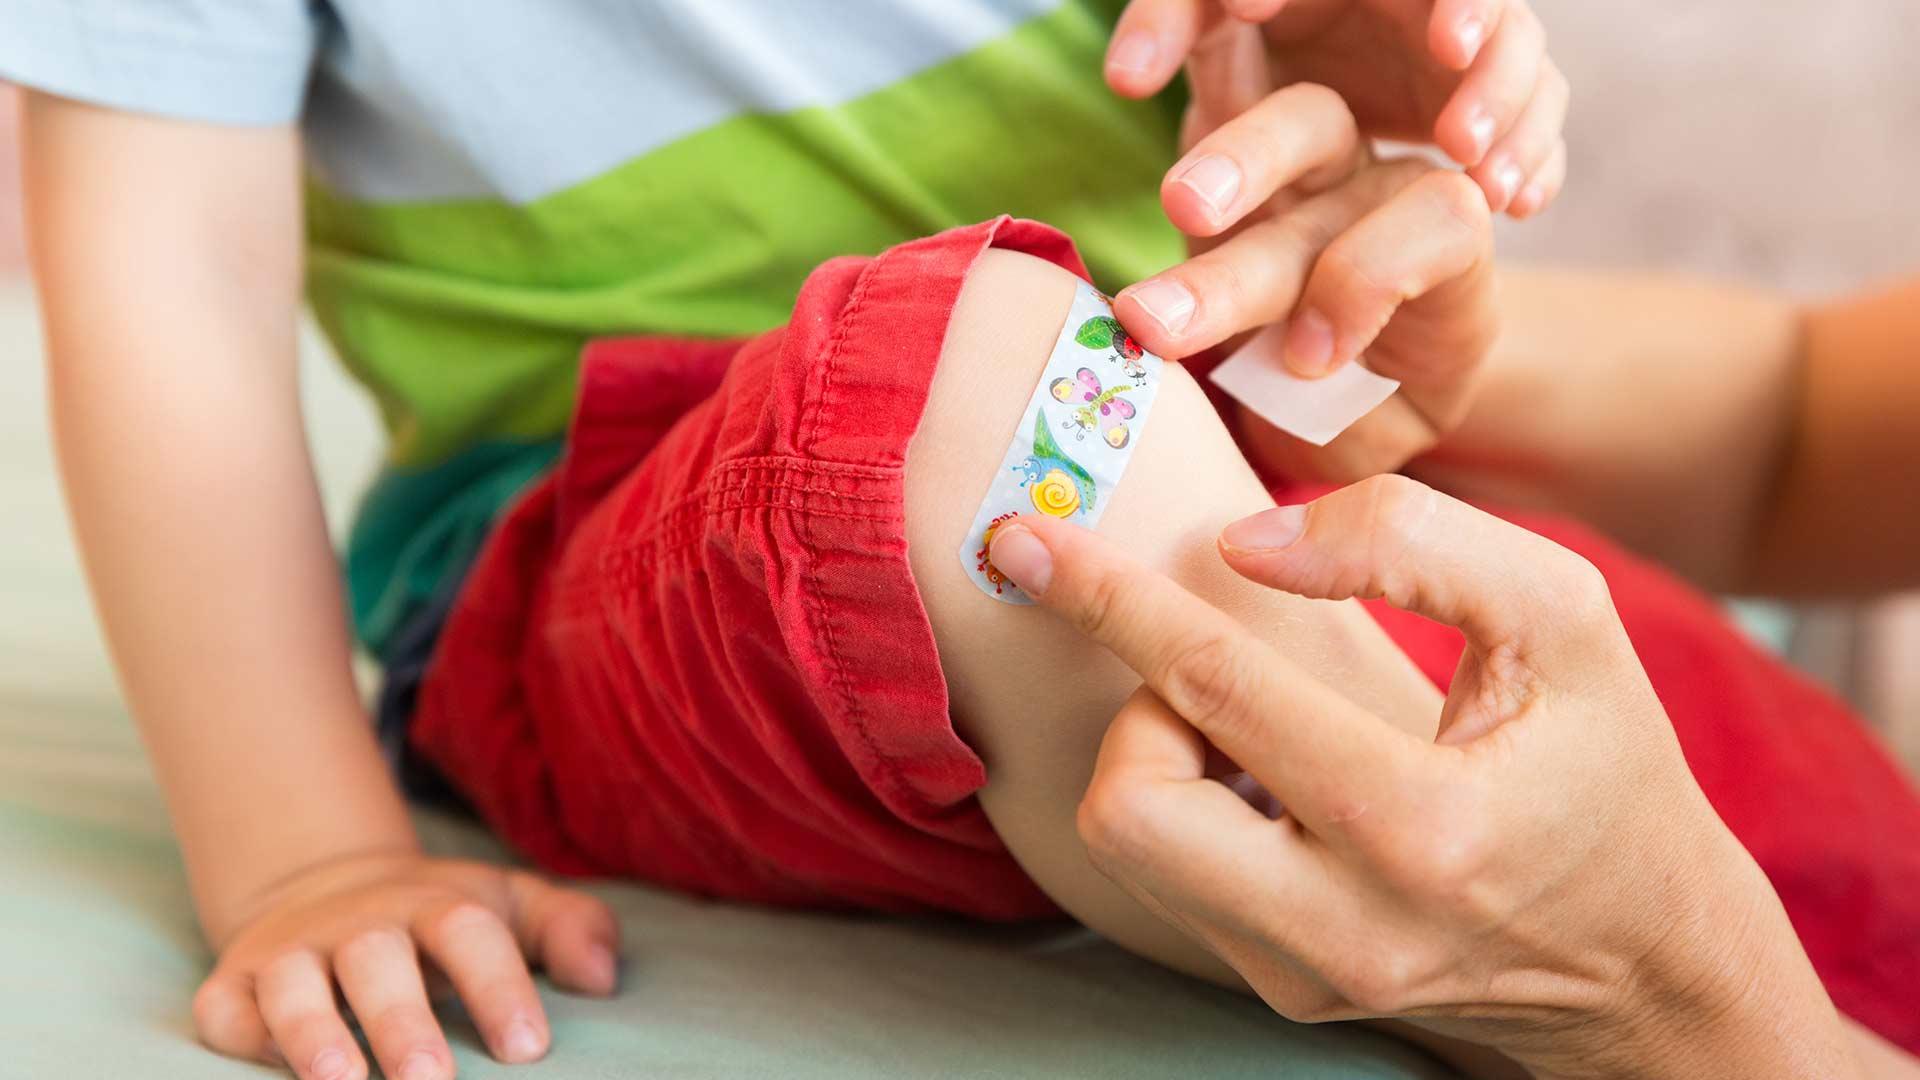 Grundläggande vård och omsorg